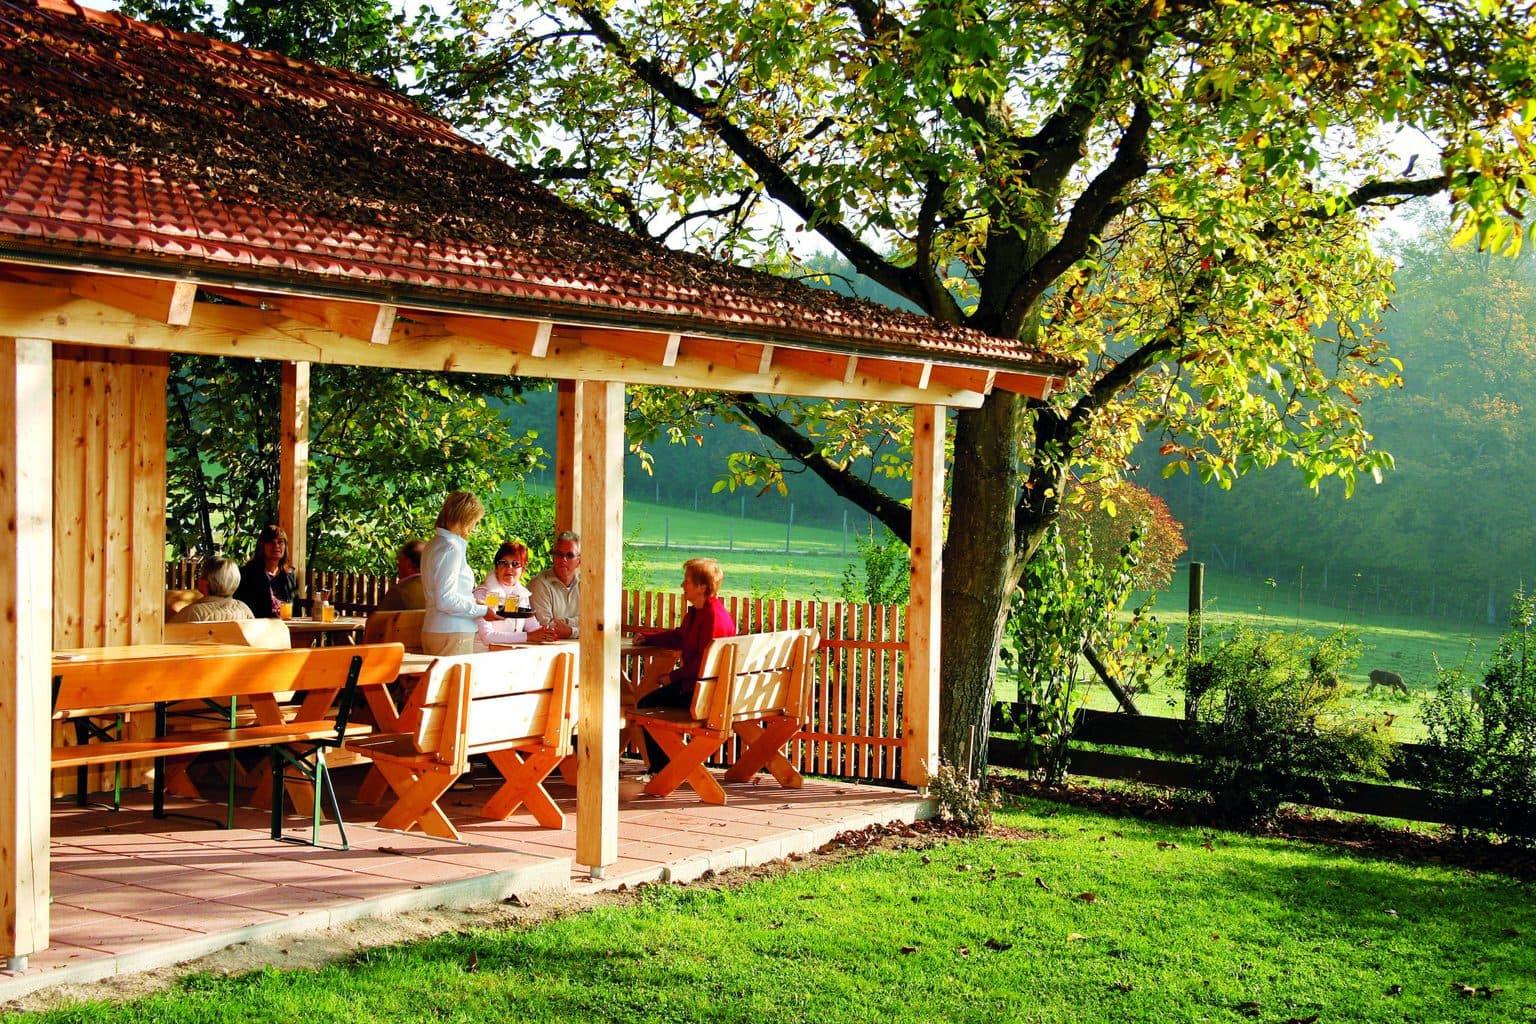 Terras van het Giglerhof in Nederbeieren met vrolijke picknickers